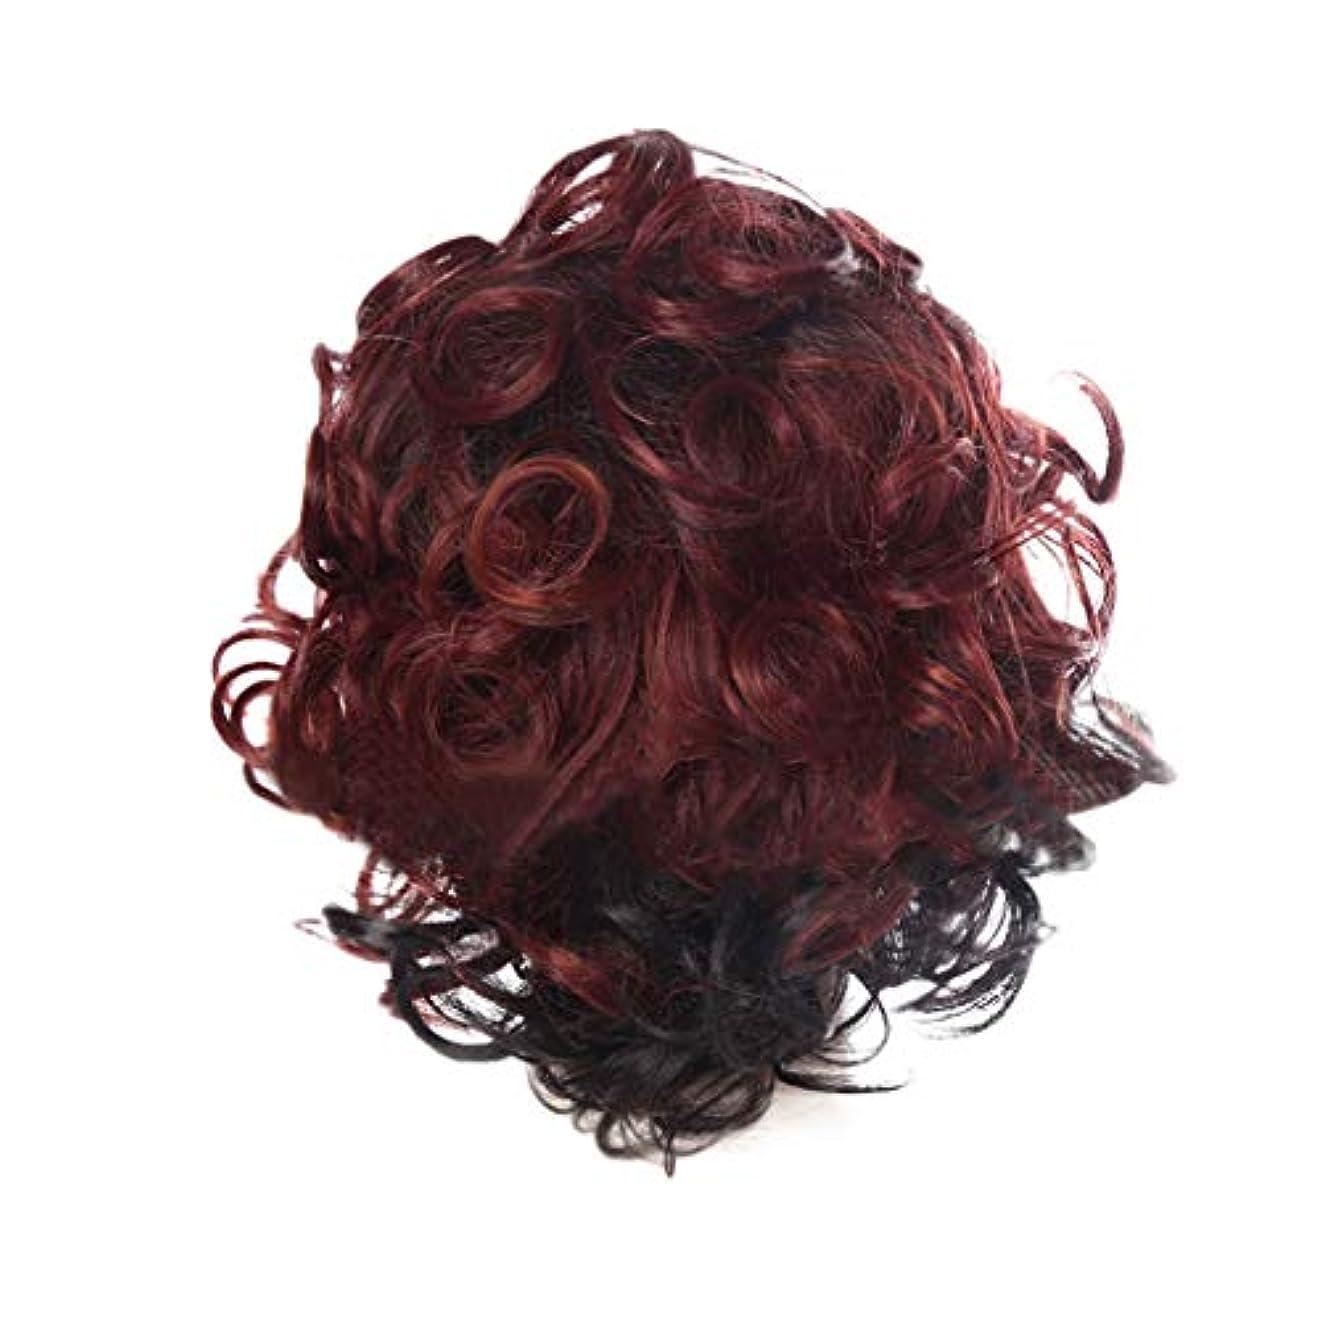 操縦するはいラッシュ女性の赤い短い巻き毛の人格爆発ヘッドかつら35 cmをかつら